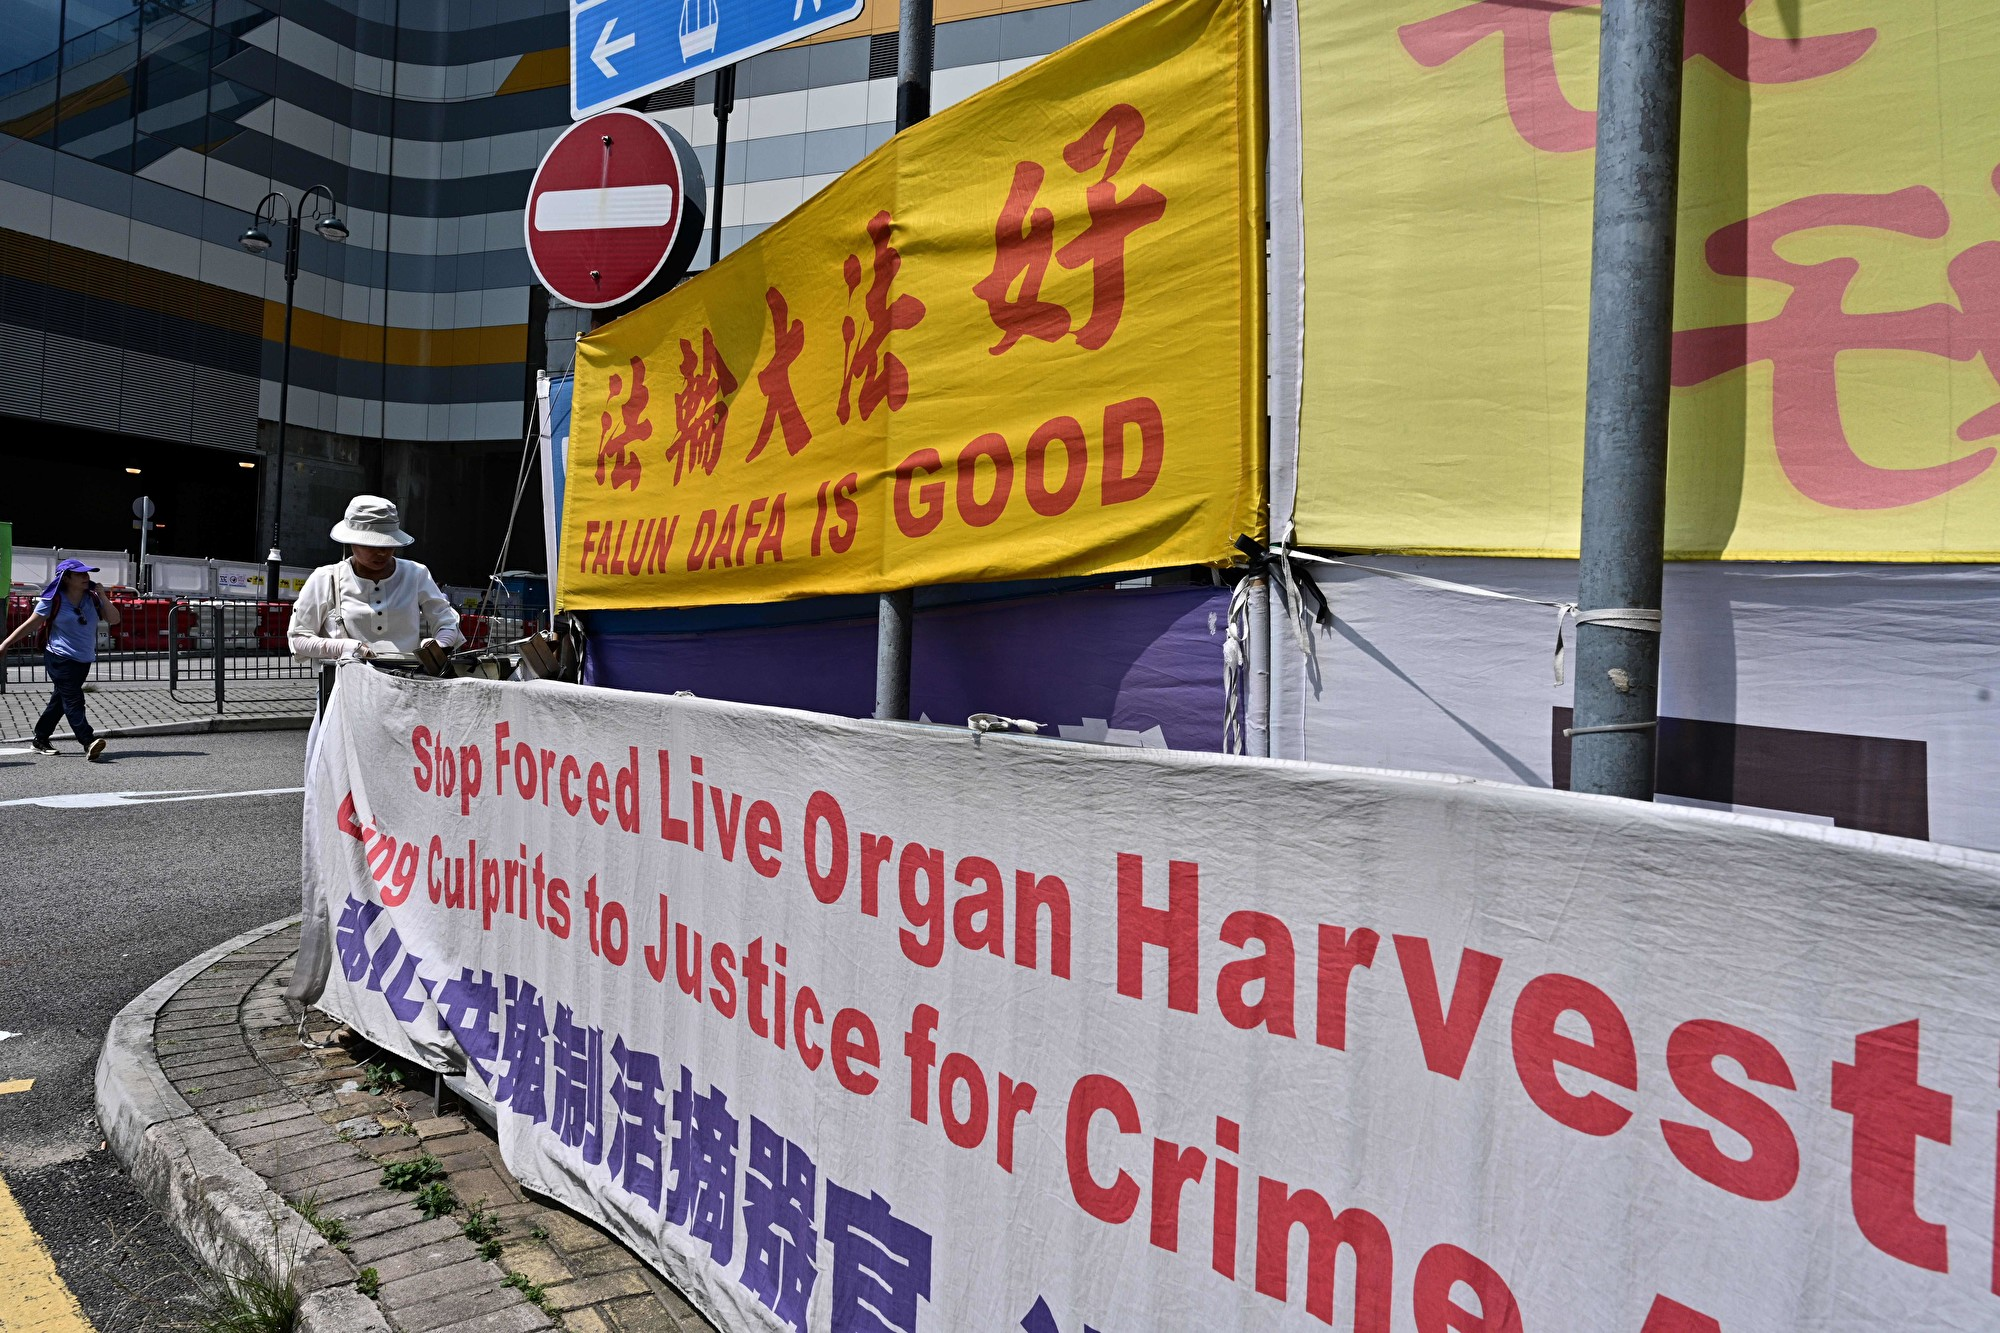 美媒:中共迫害法輪功二十年 須承擔罪責